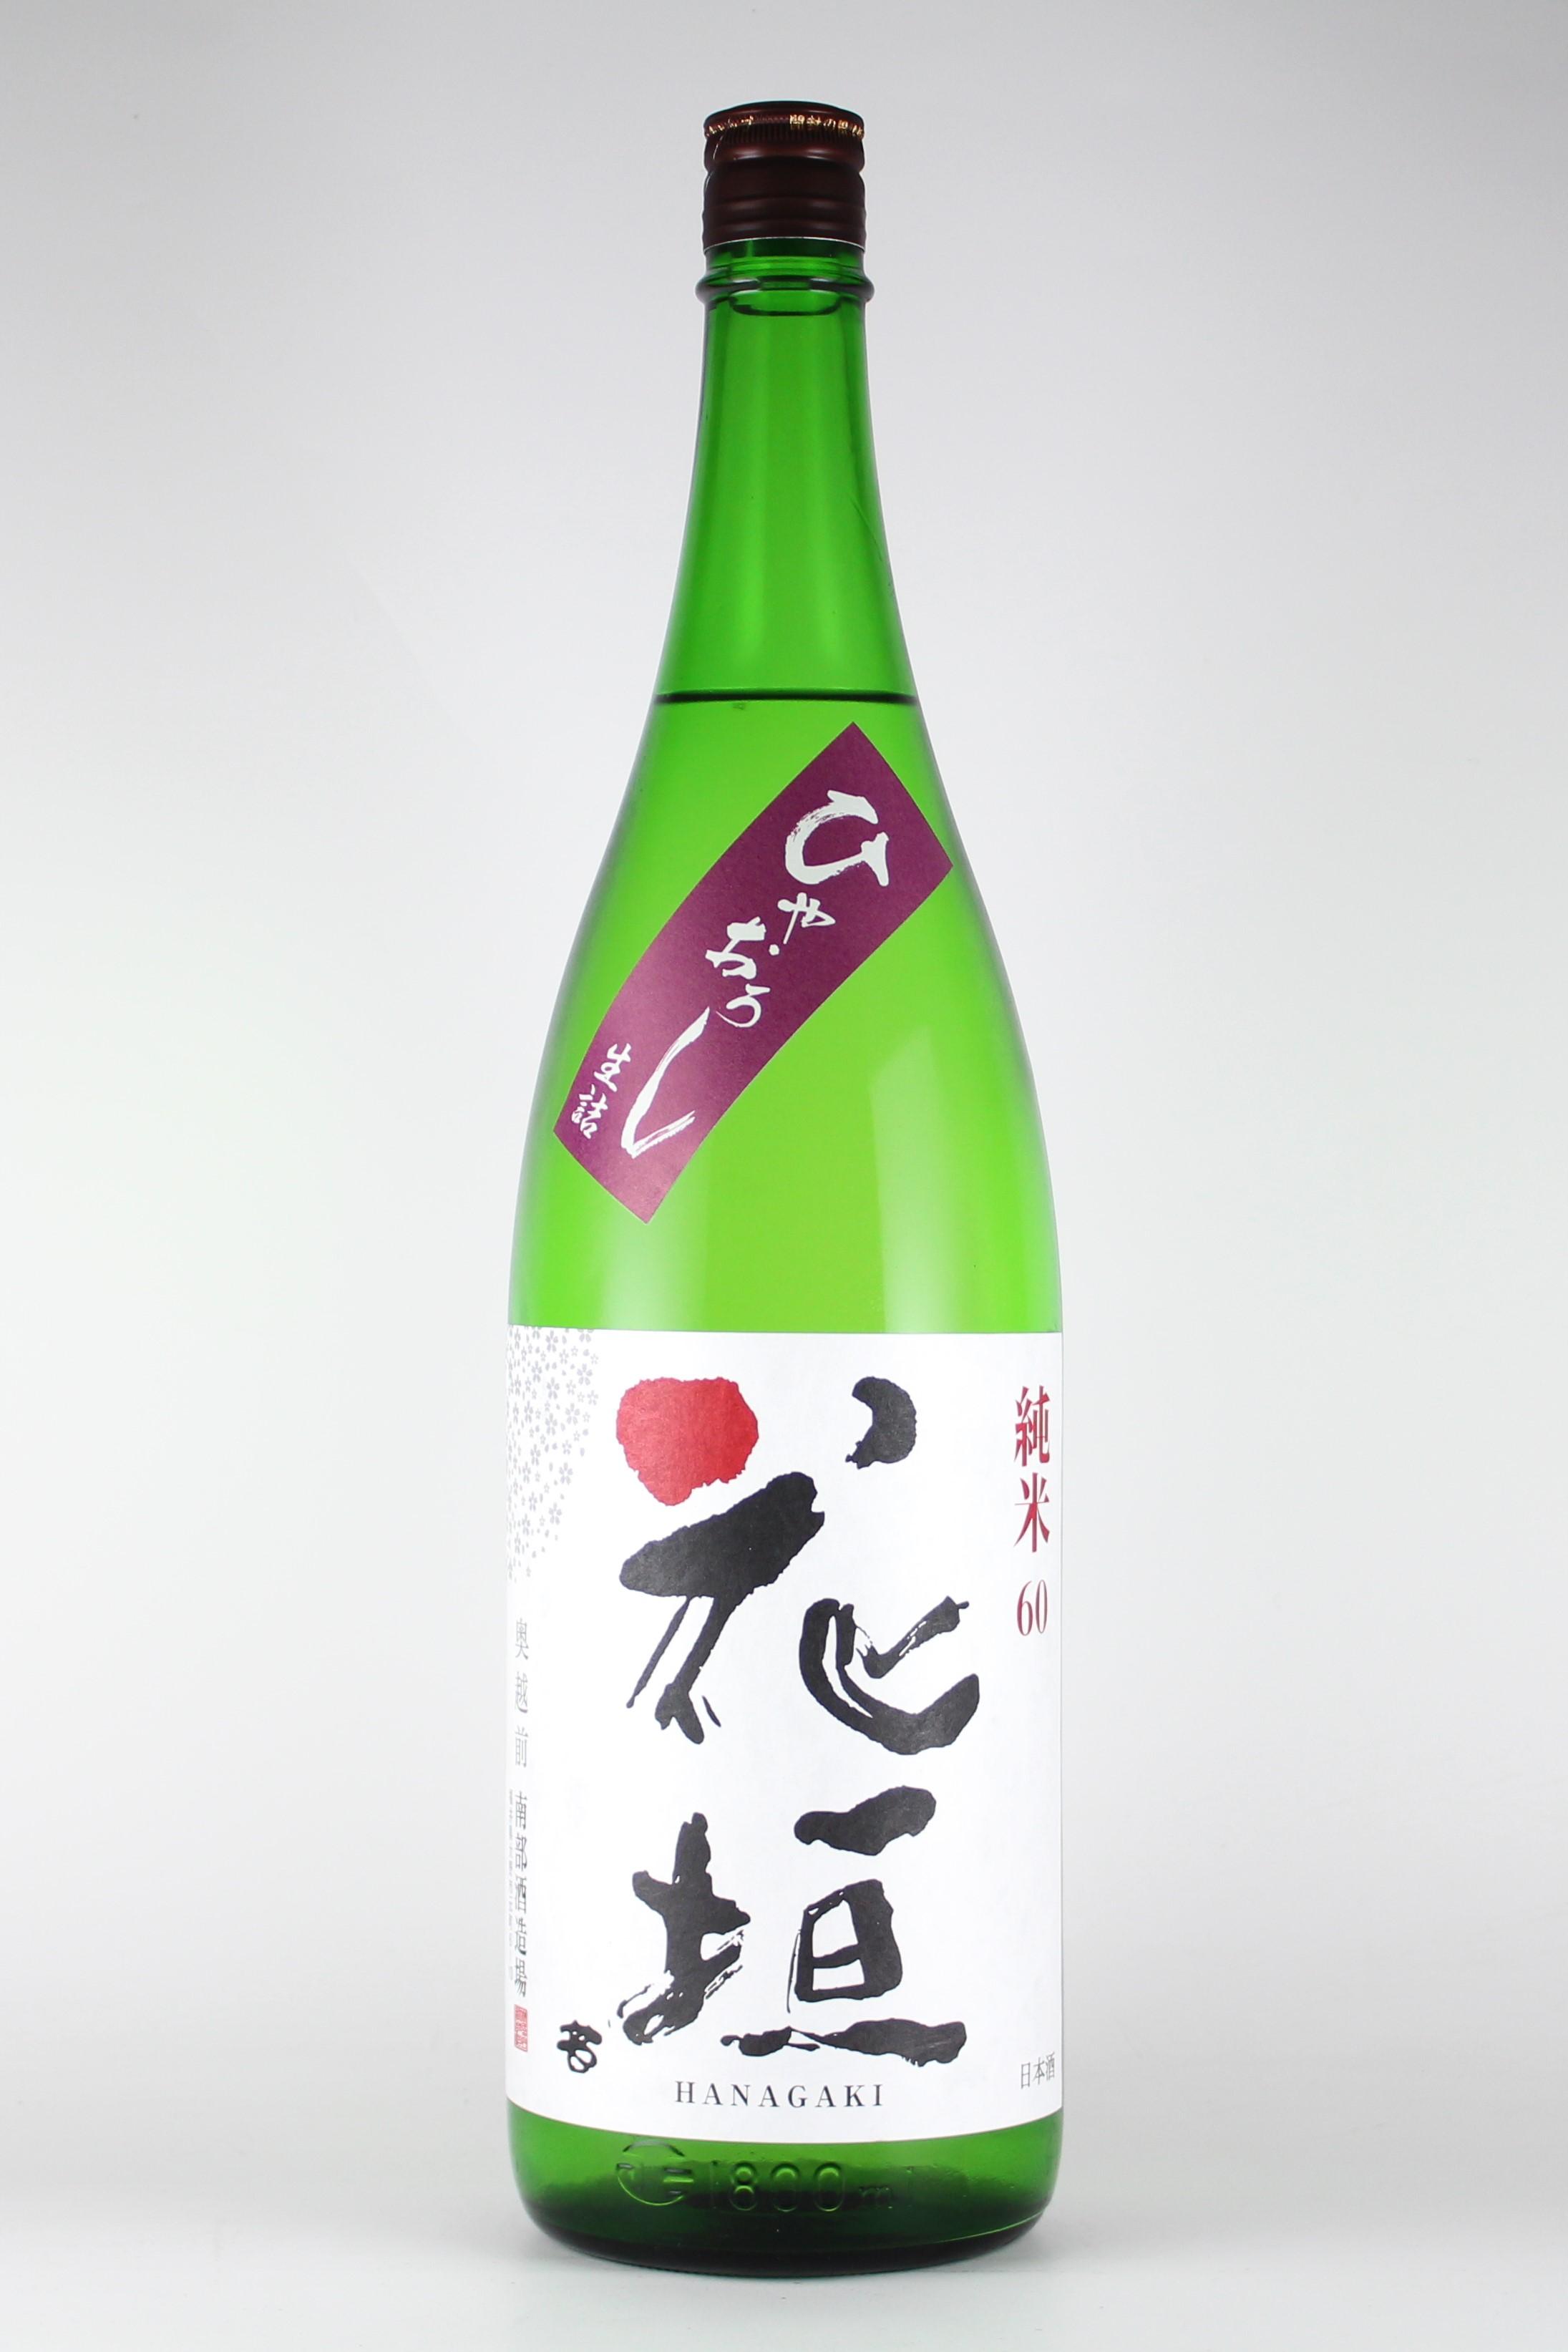 花垣 純米ひやおろし 1800ml 【福井/南部酒造場】